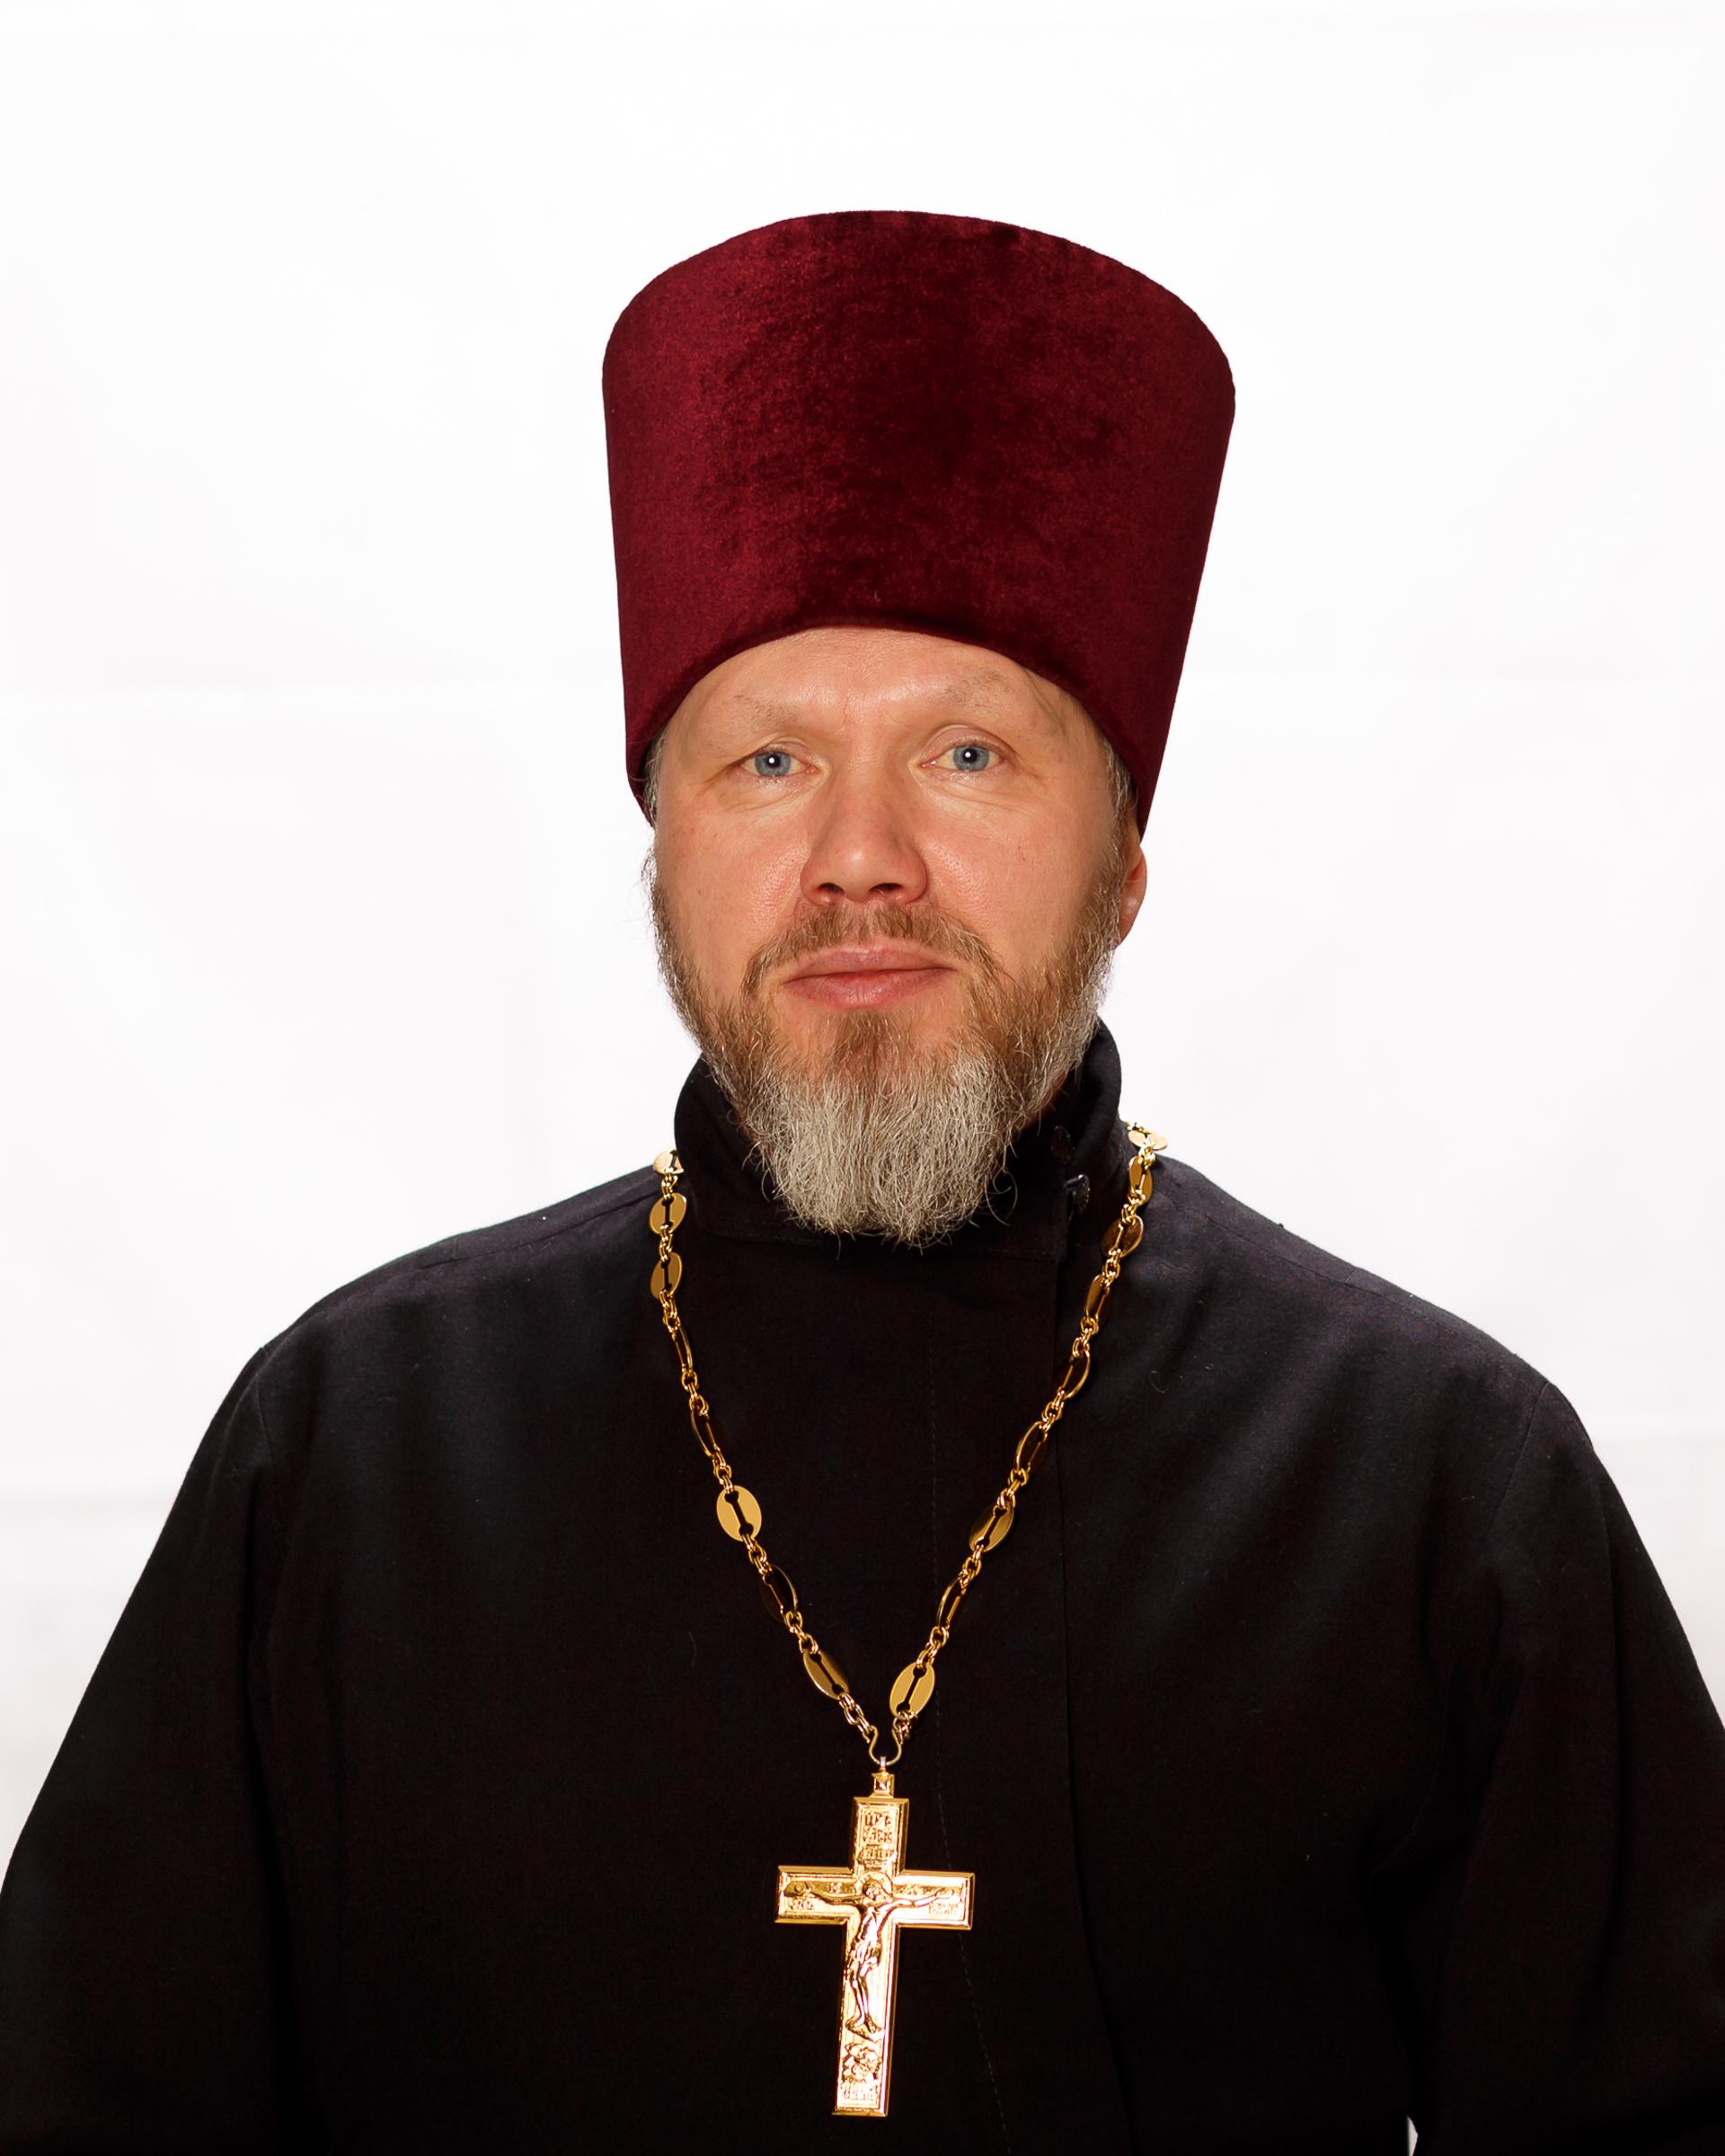 Гоношилов Андрей Владимирович